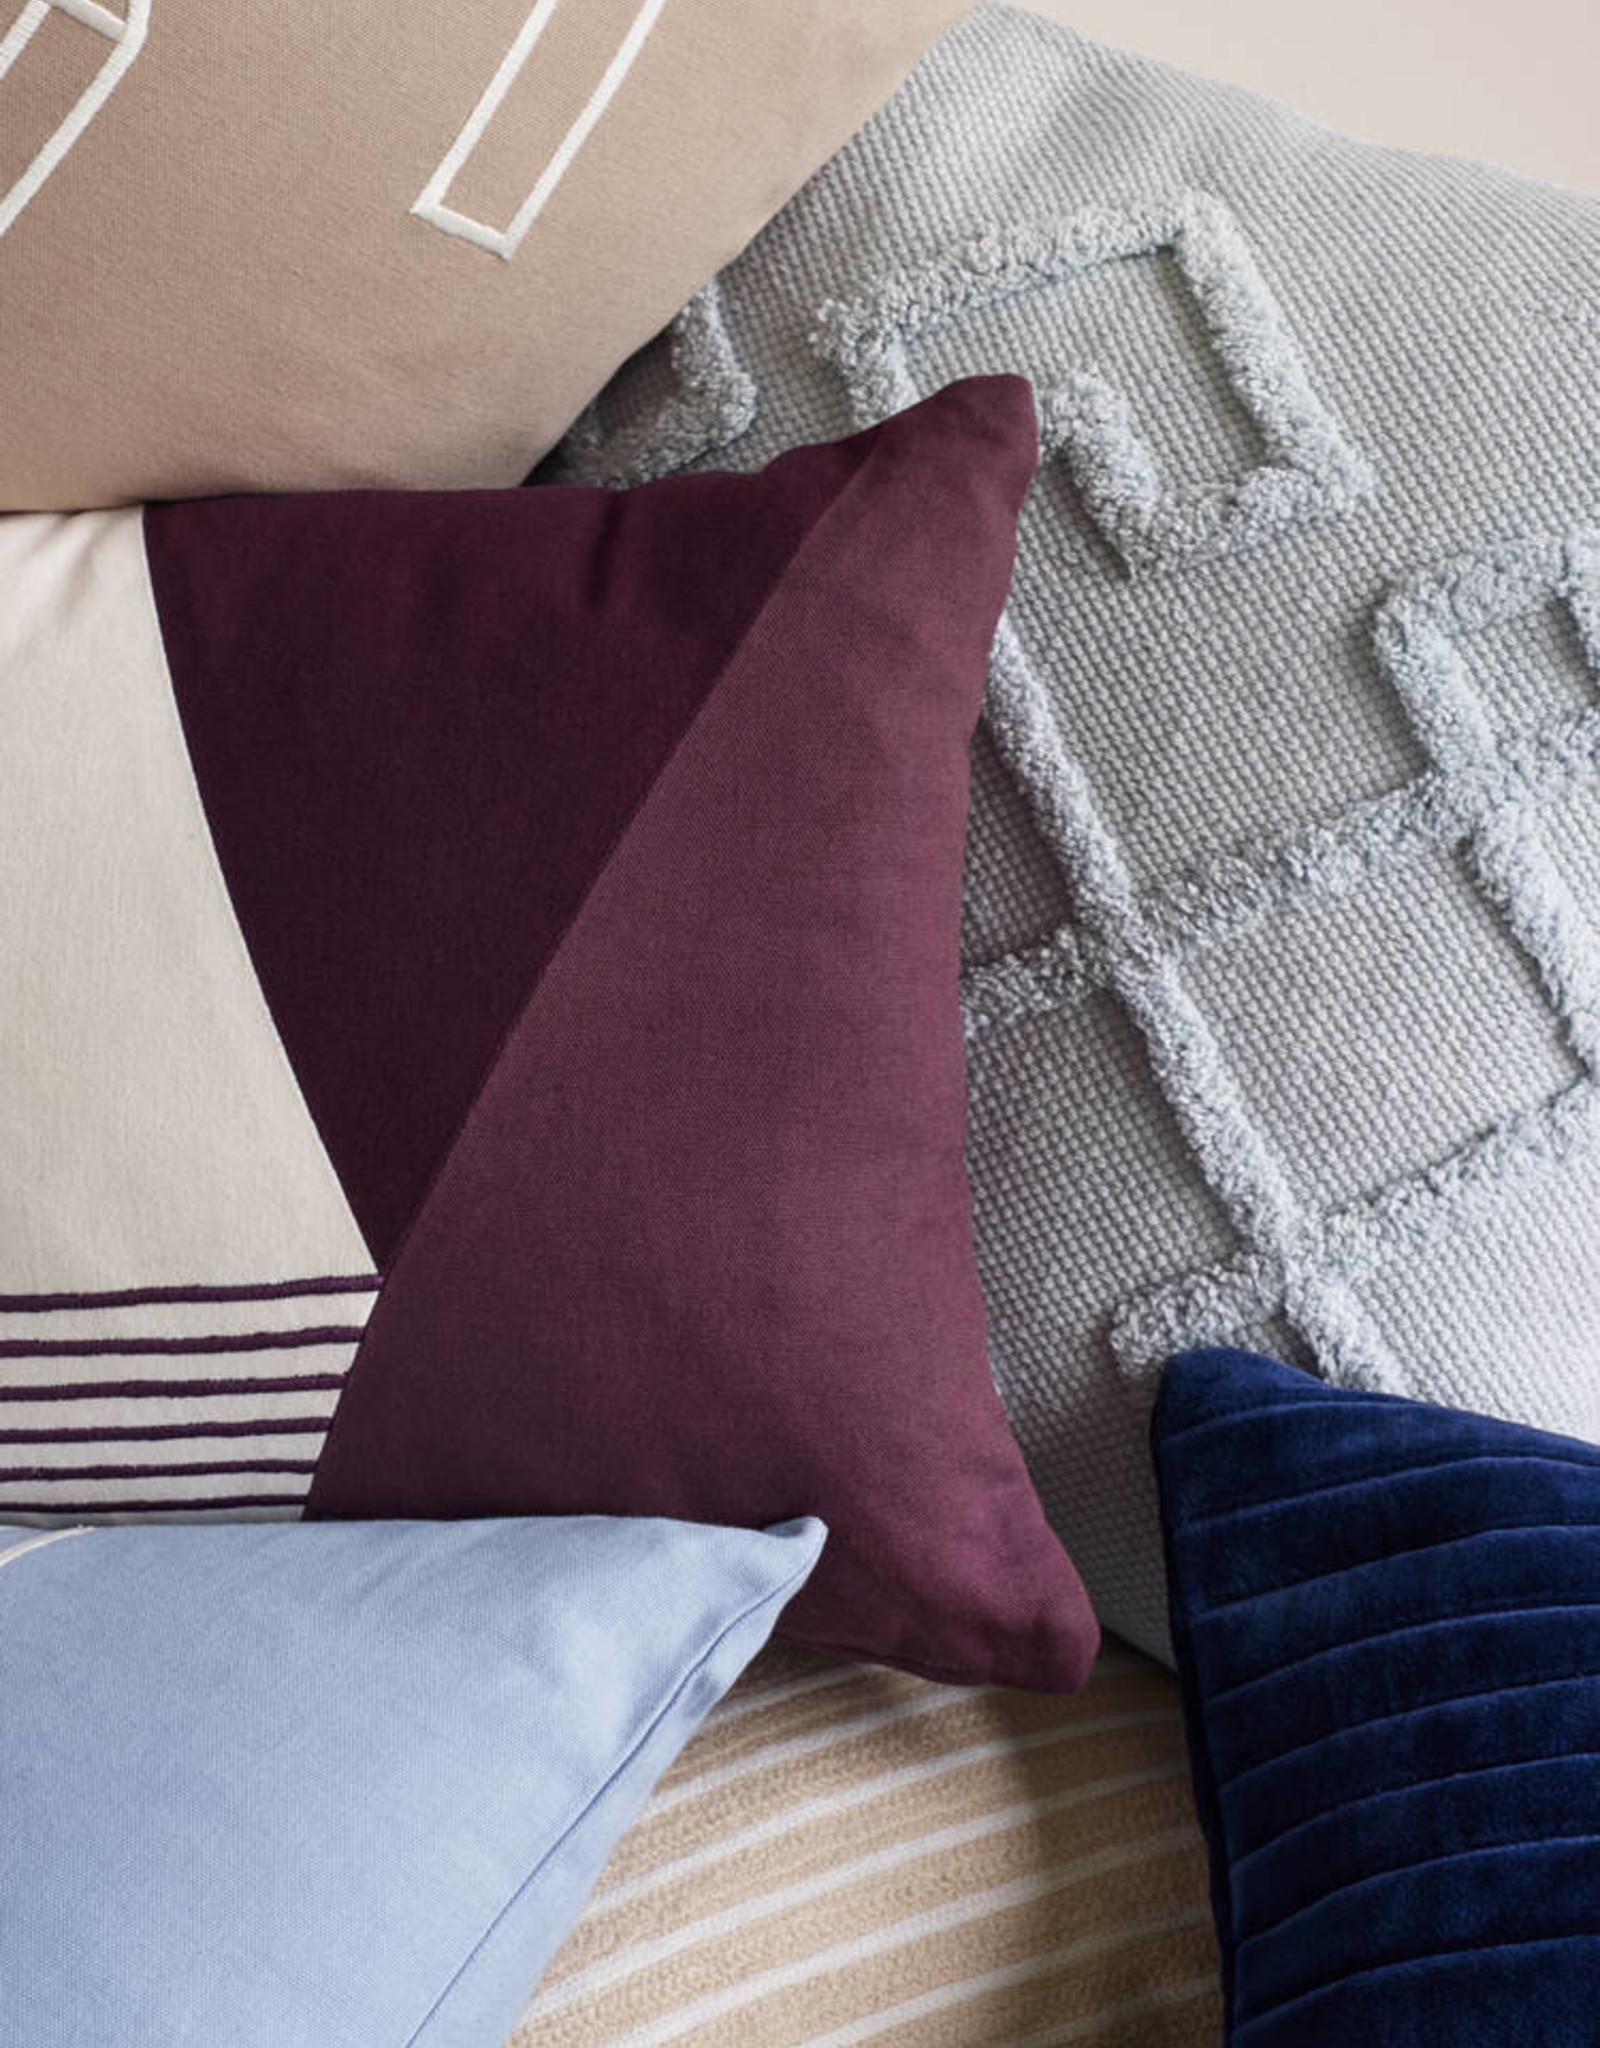 Hübsch Hübsch Cushion w/filler, bordeau 33 x 50